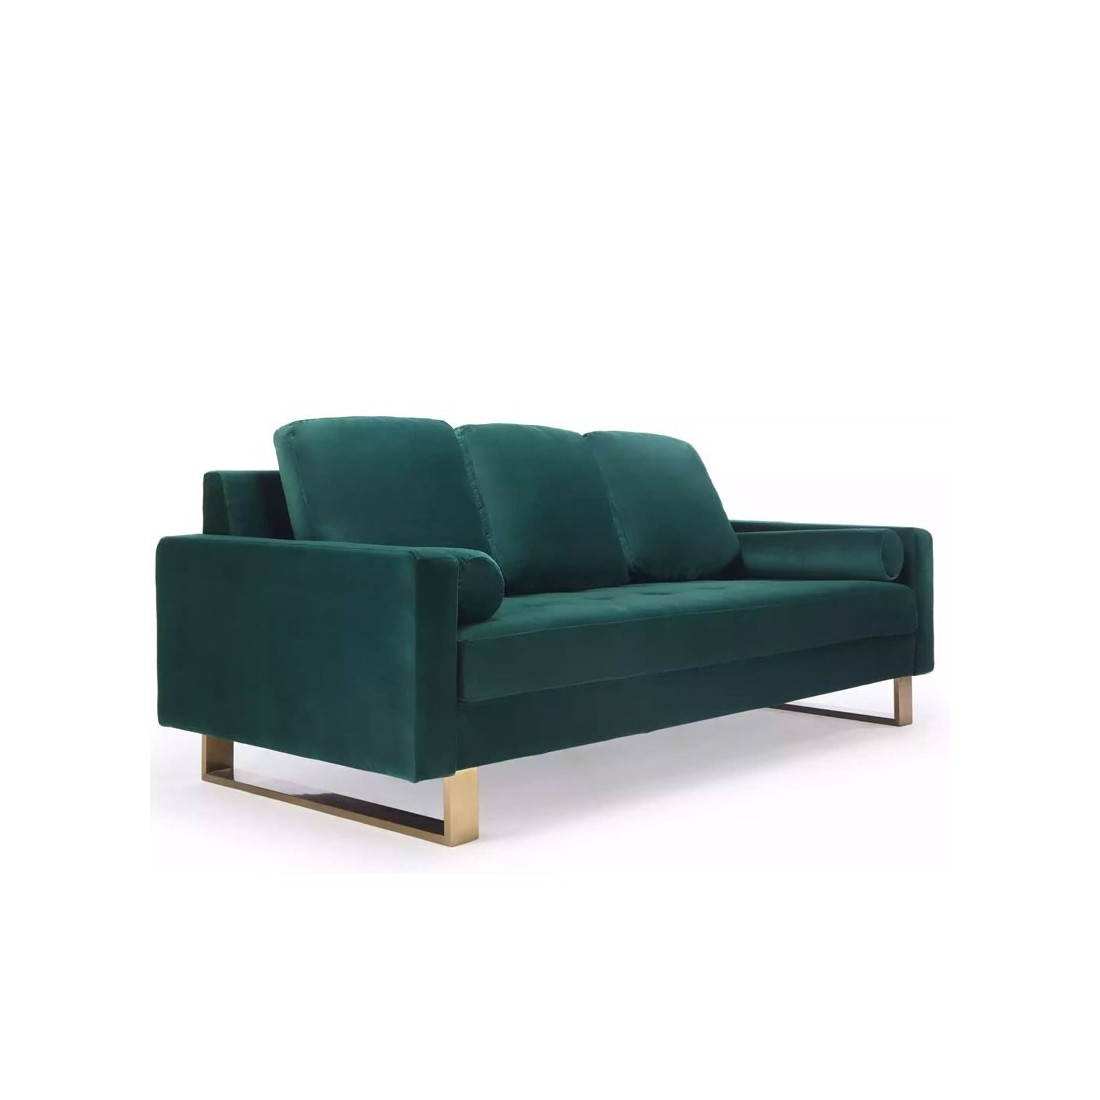 Canap 3 places pied en couleur laiton qui allie le vert for Canape 3 places design